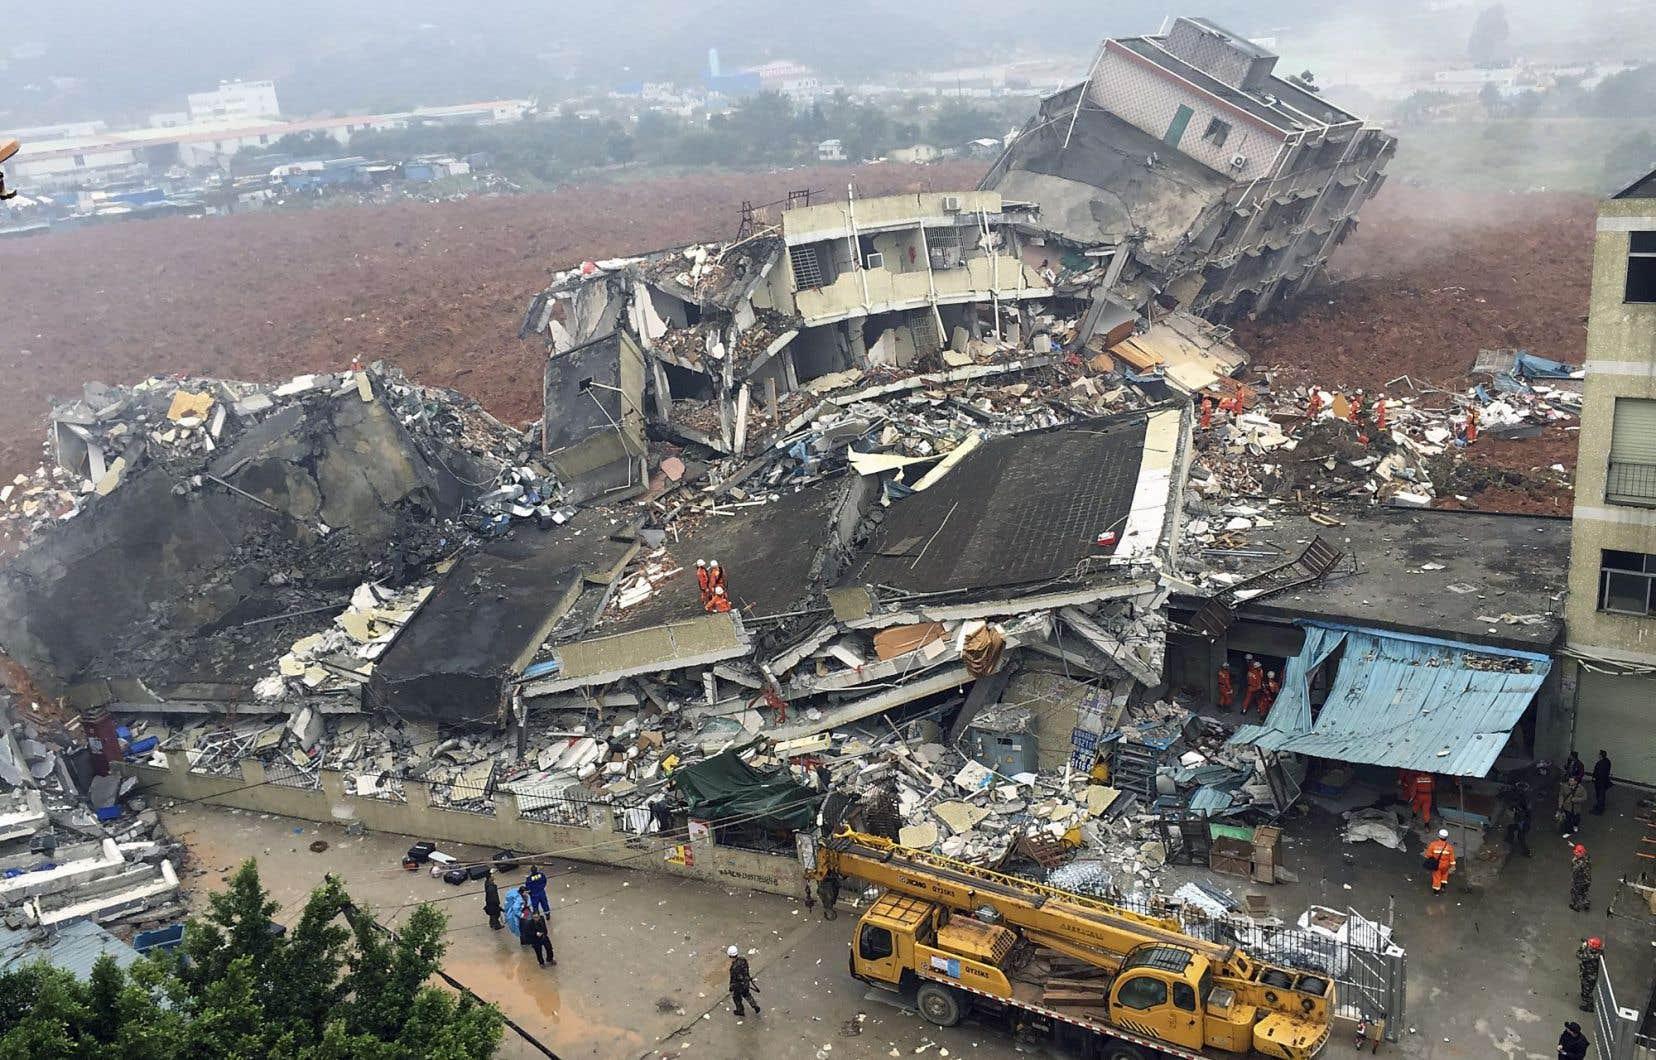 Dimanche soir, l'agence officielle Chine nouvelle a fait état de trois blessés et 91 disparus.